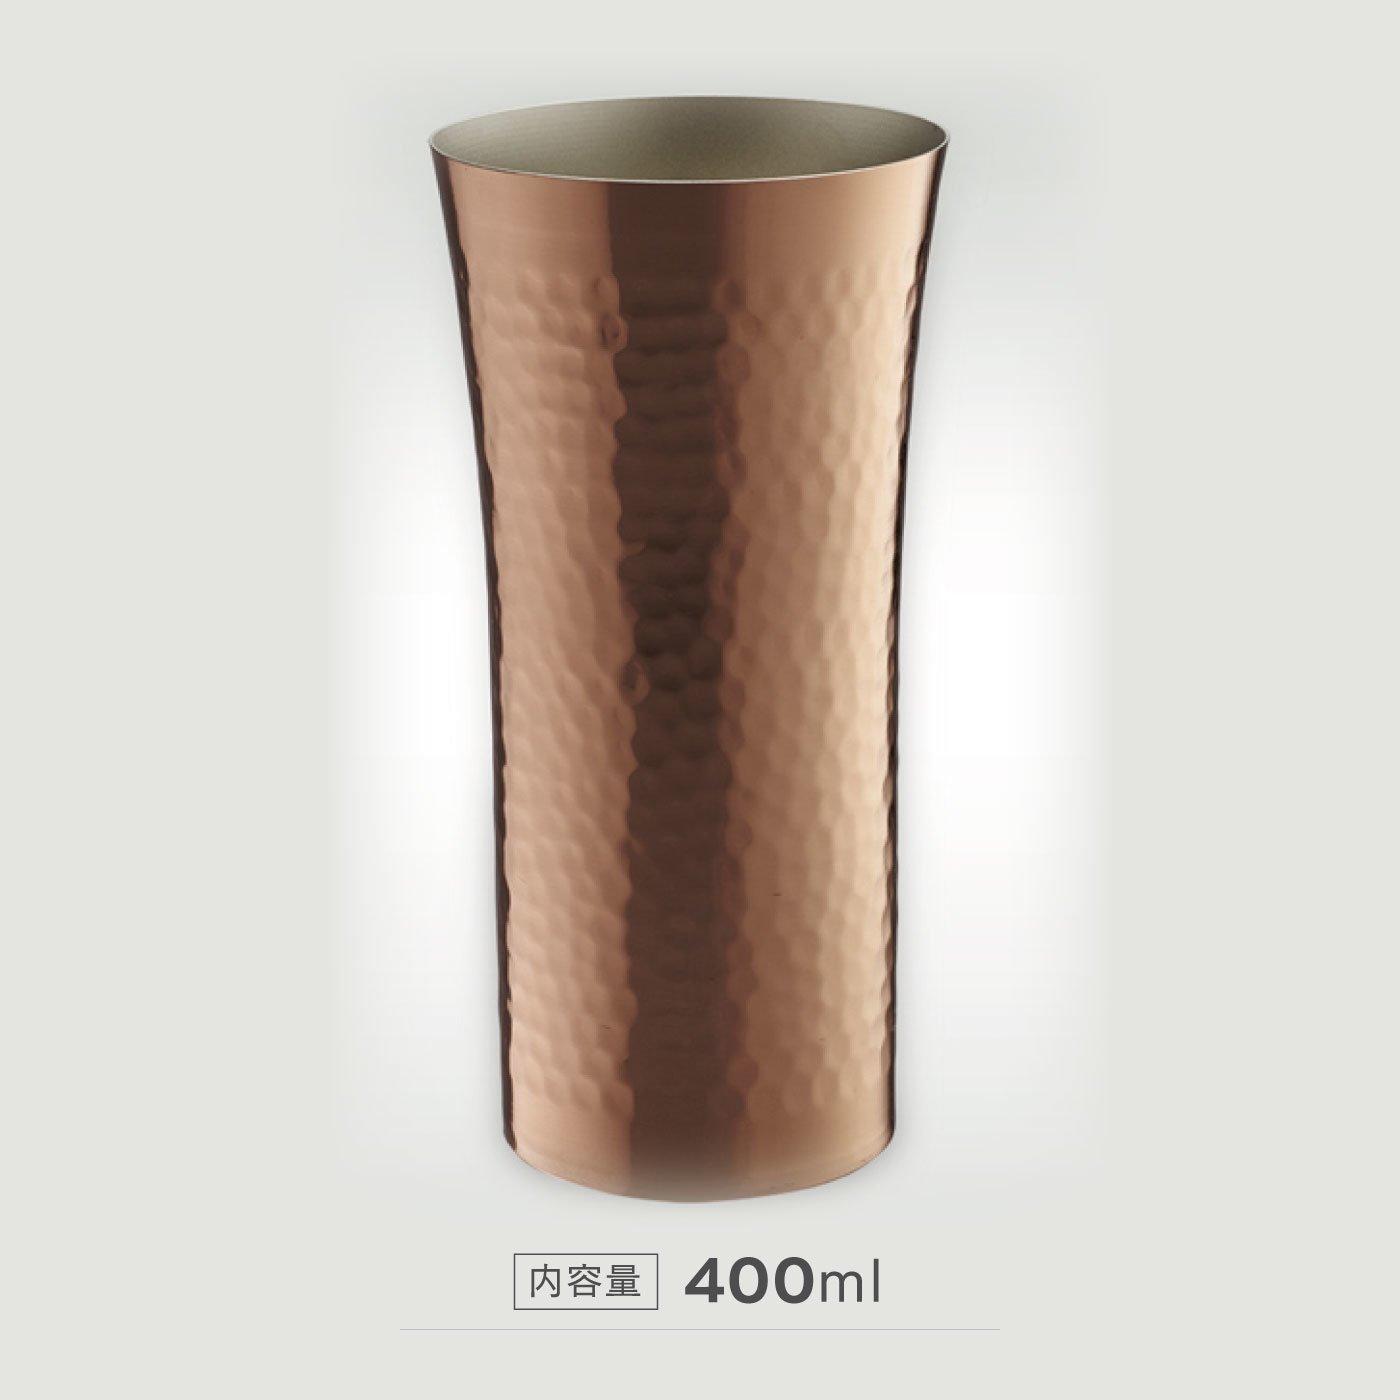 サーバーのようなクリーミーな泡立ち 燕人の匠 銅製ビアタンブラー400ml